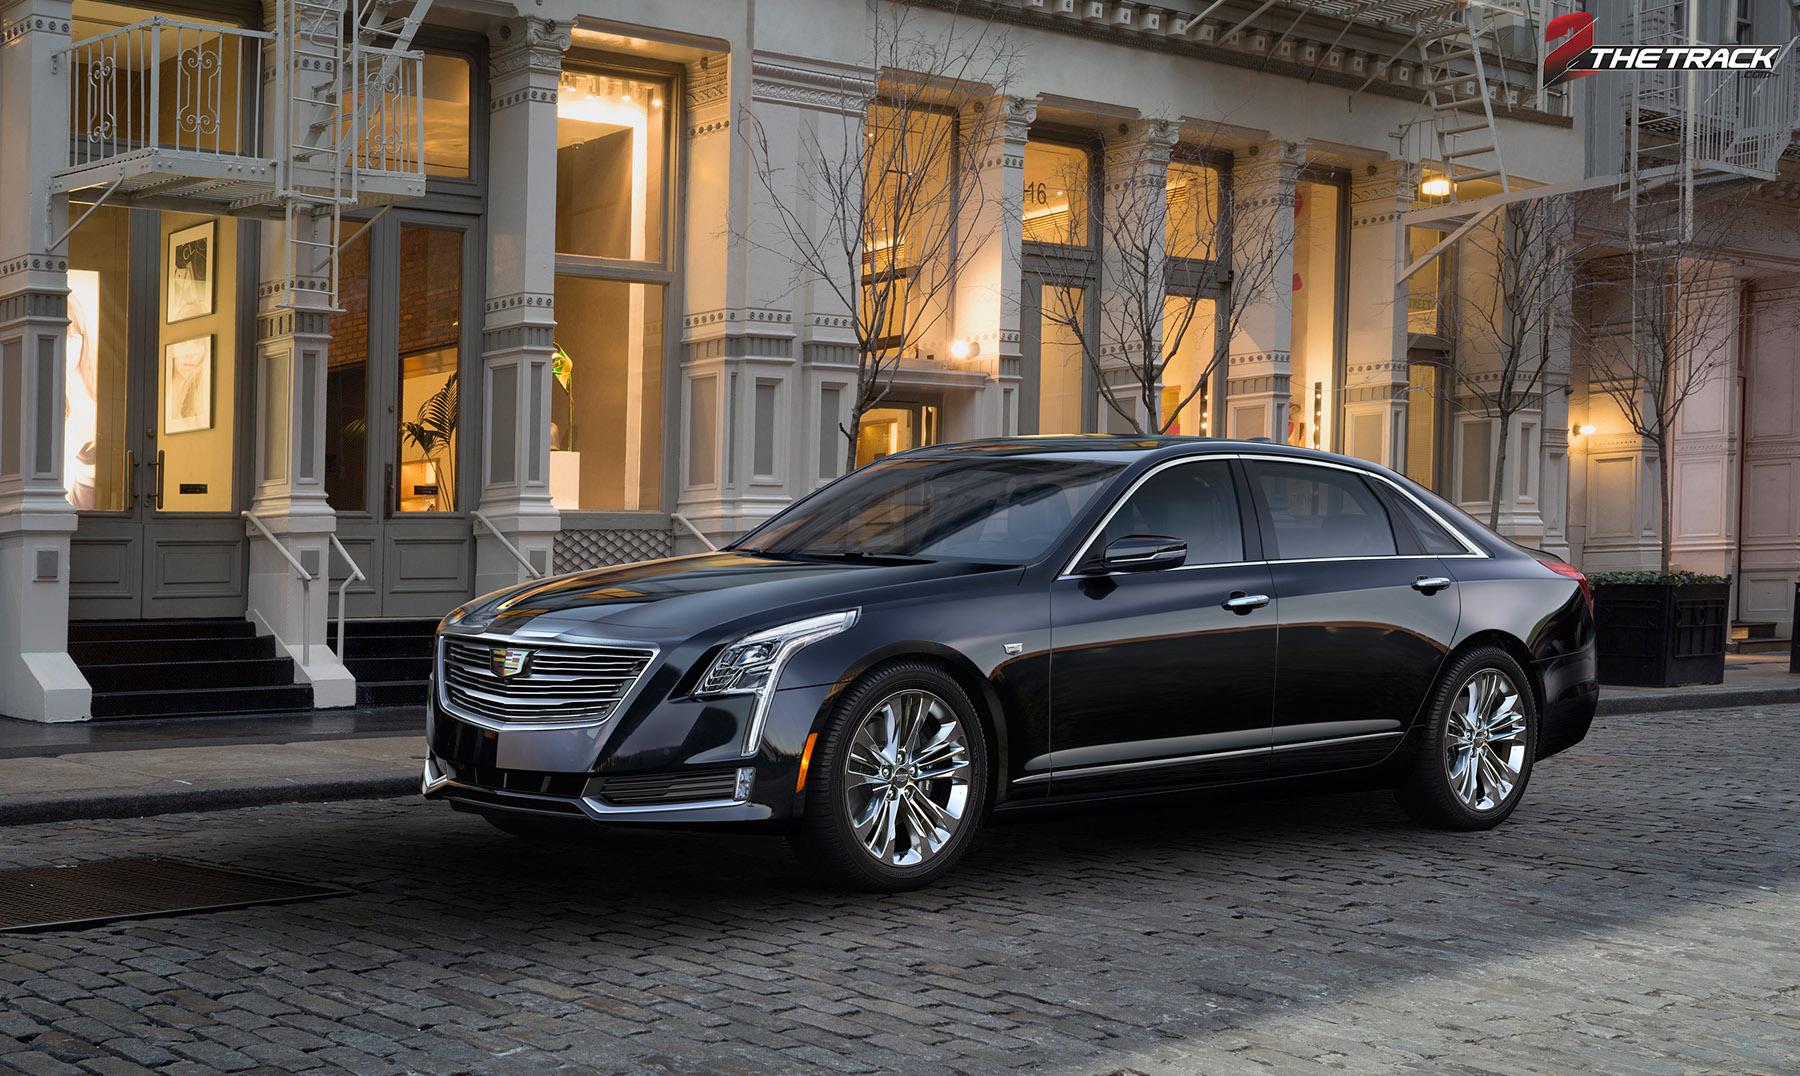 Cadillac CT6 alternatief voor Duitsers